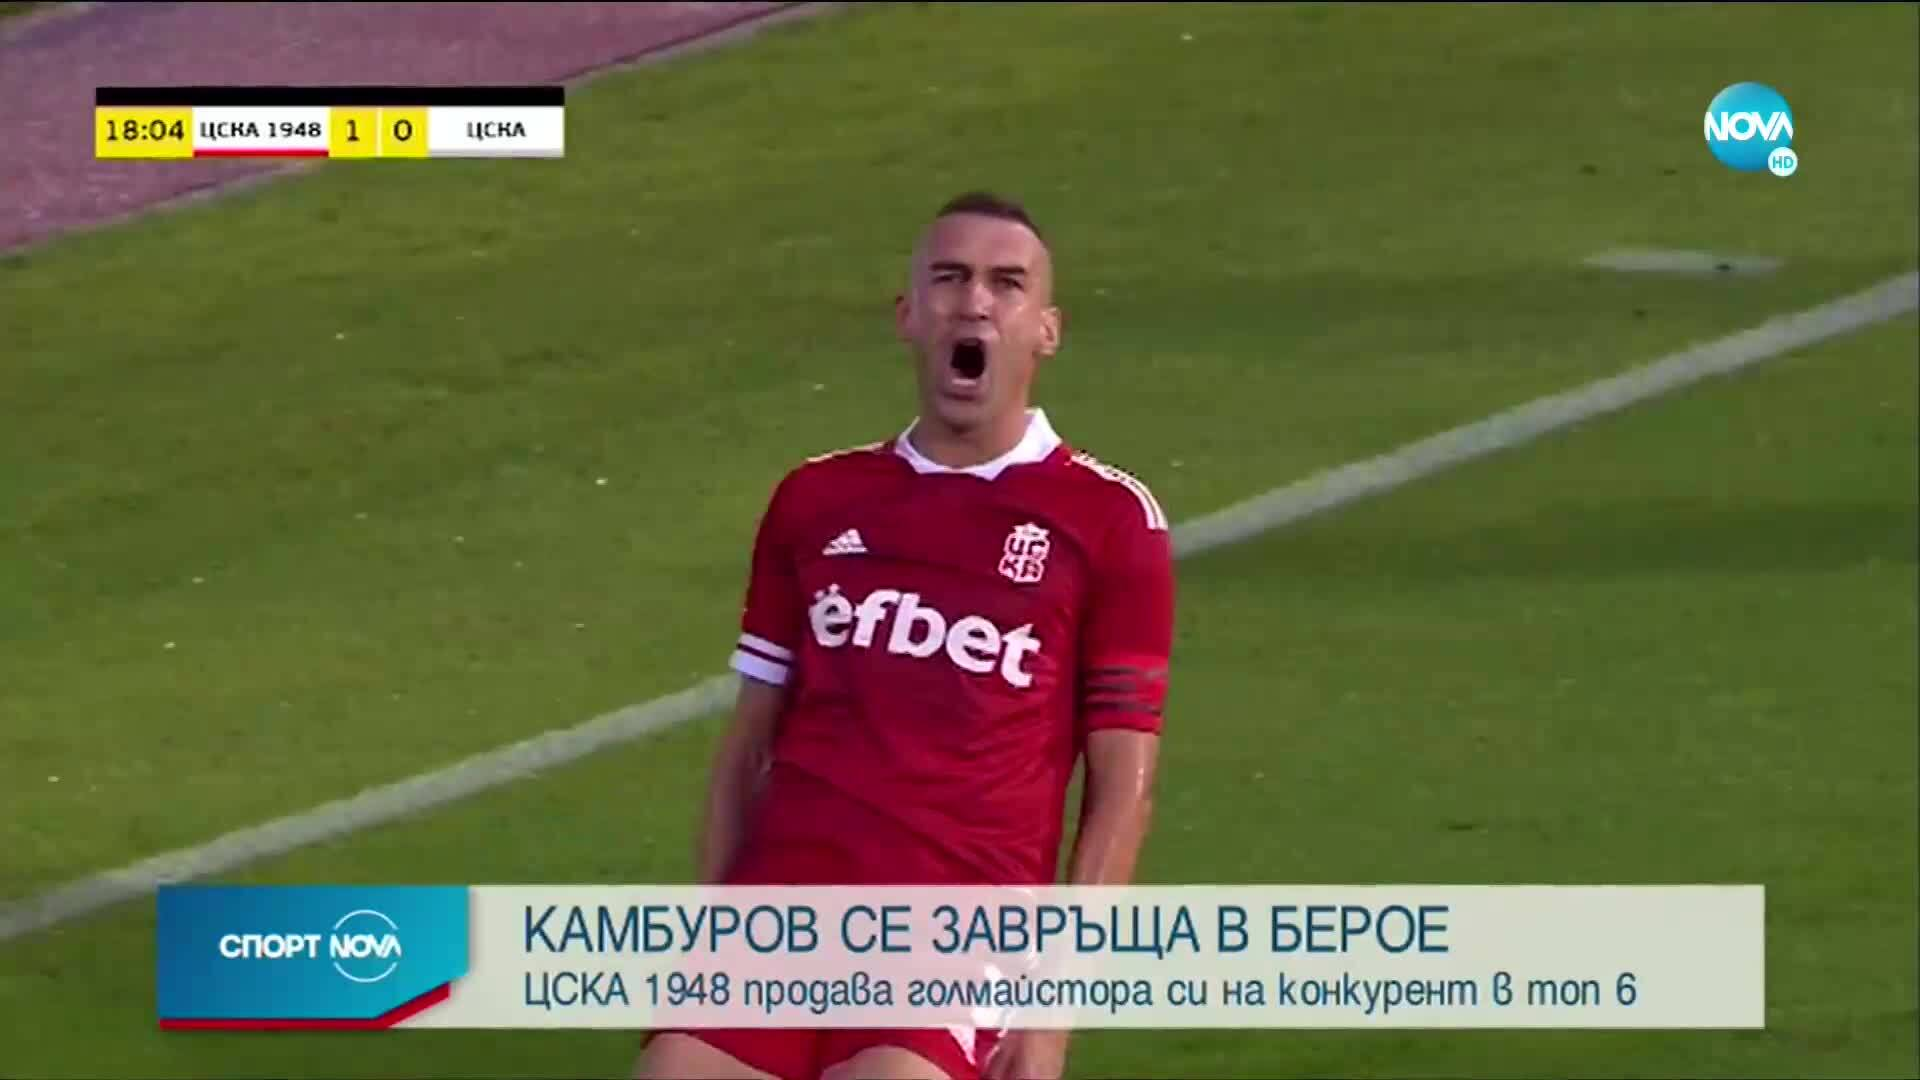 Изненада: ЦСКА 1948 продаде Камбуров на клуб от efbet Лига - ето сумата